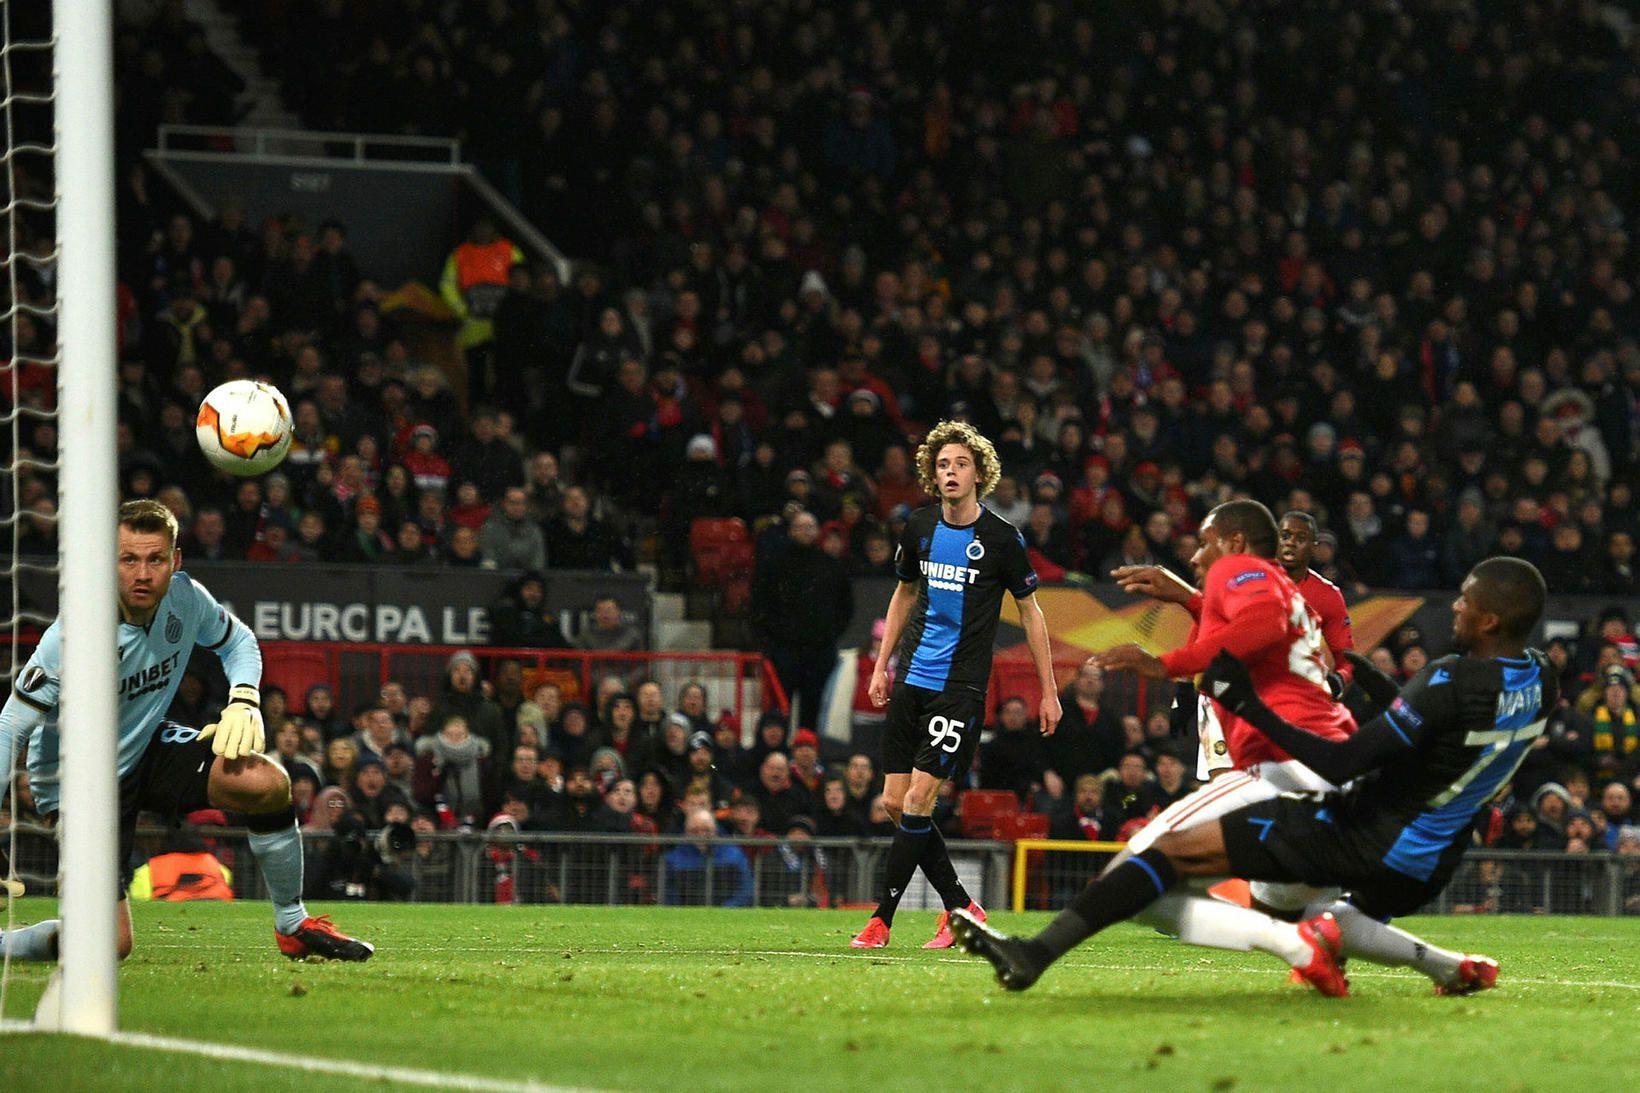 Odion Ighalo kemur Manchester United í 2:0 í leiknum í …